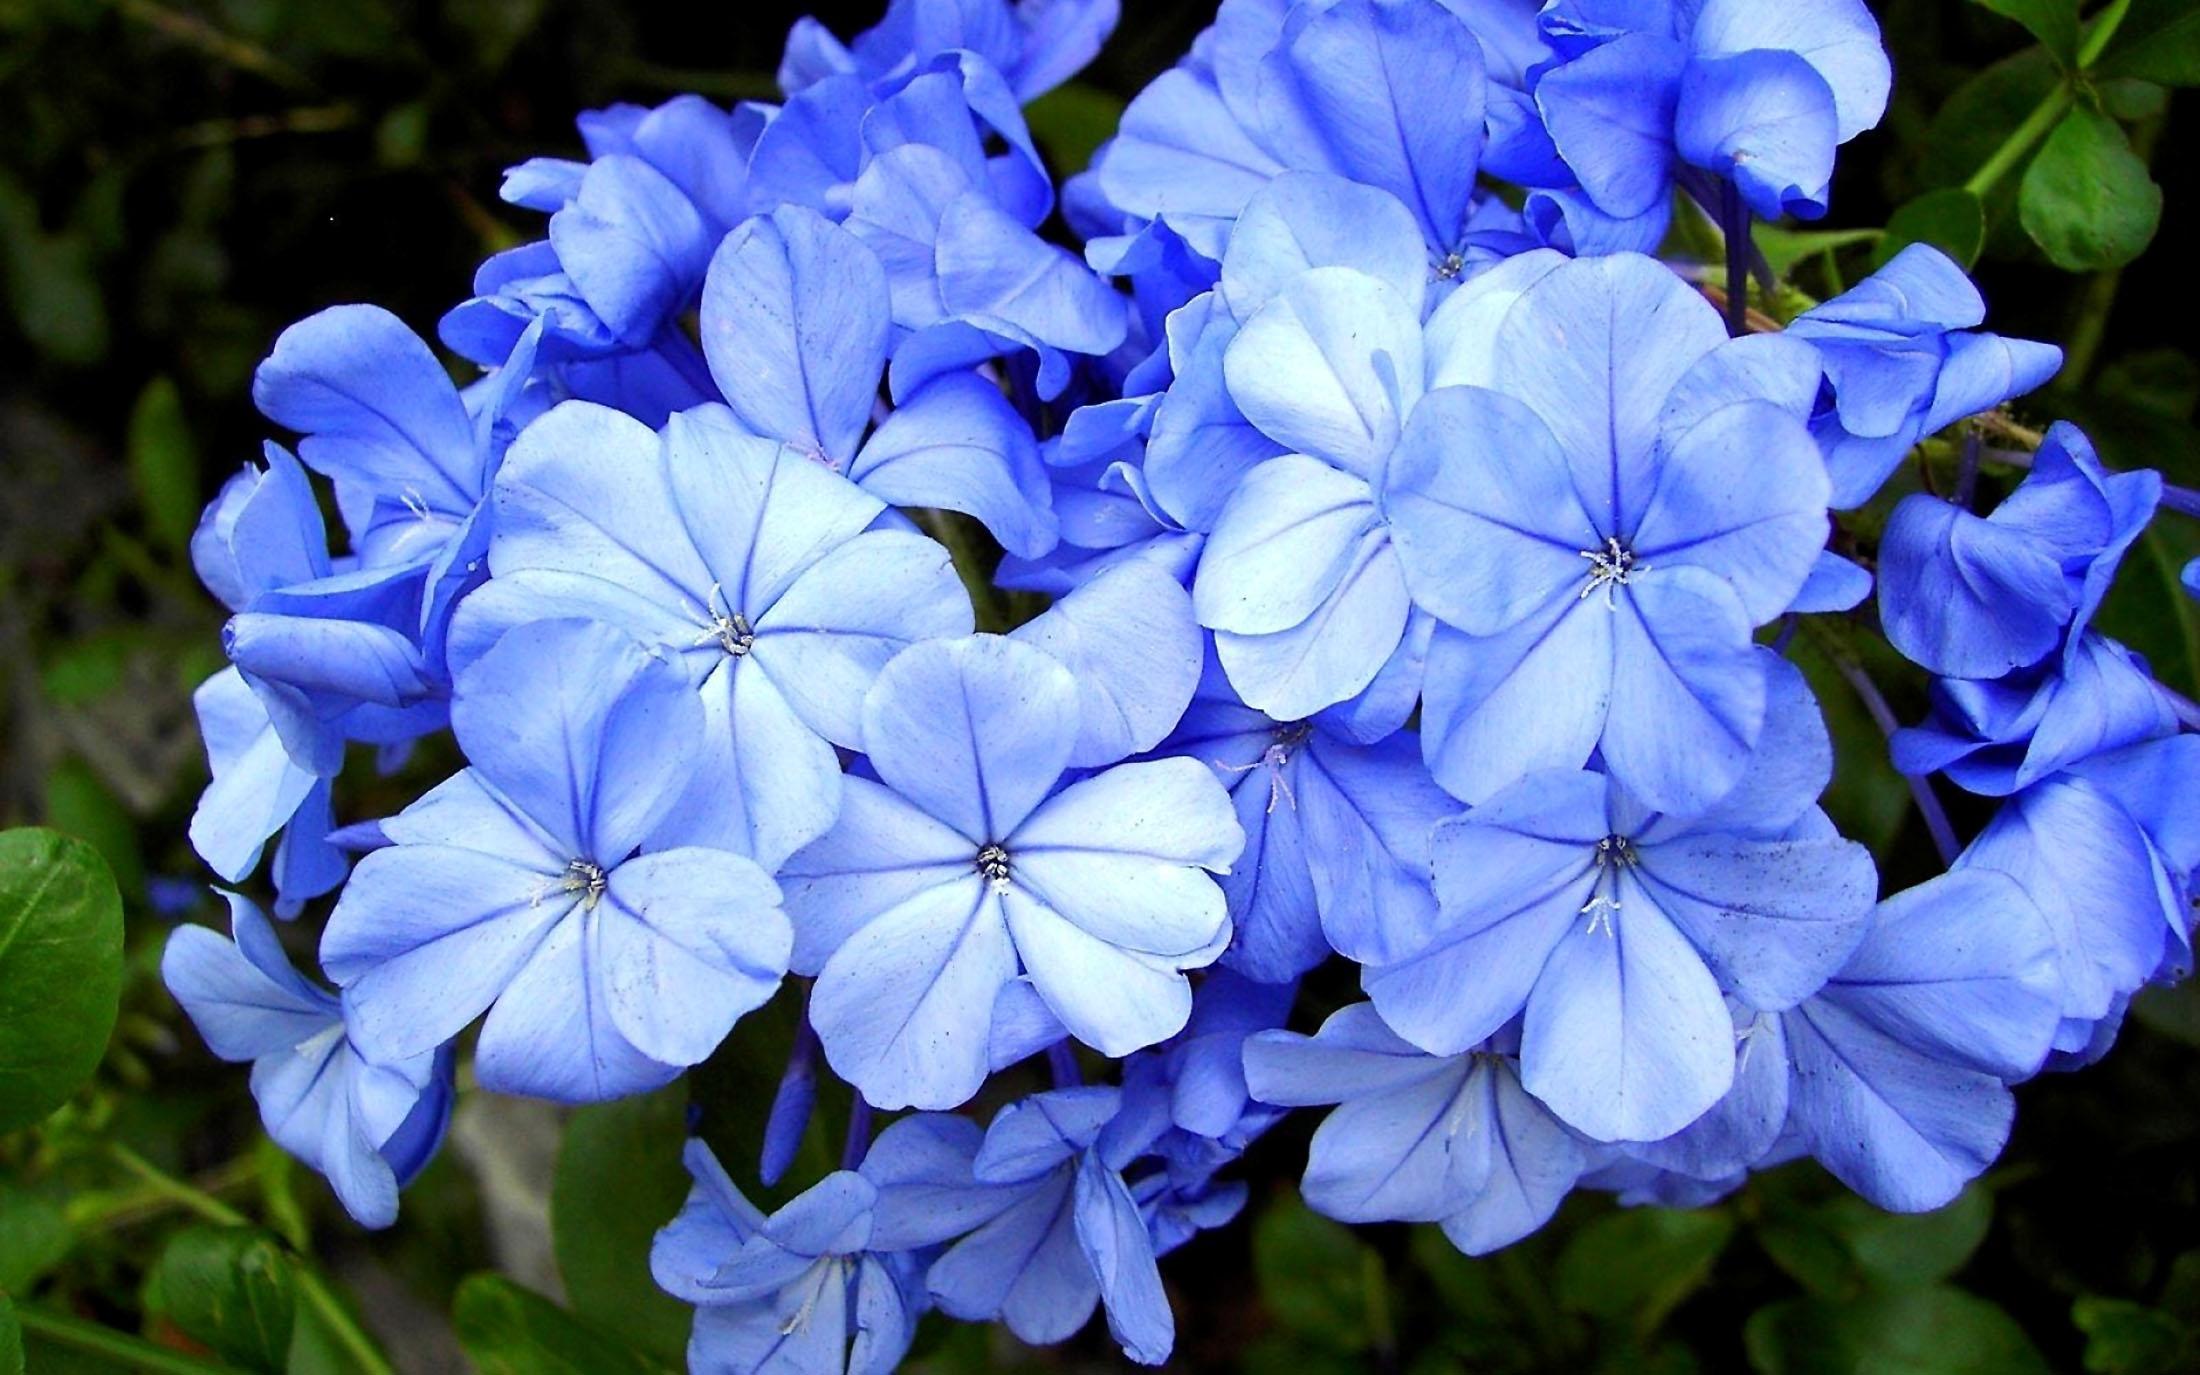 Gėlė Pliumbagis (Švinažolė)